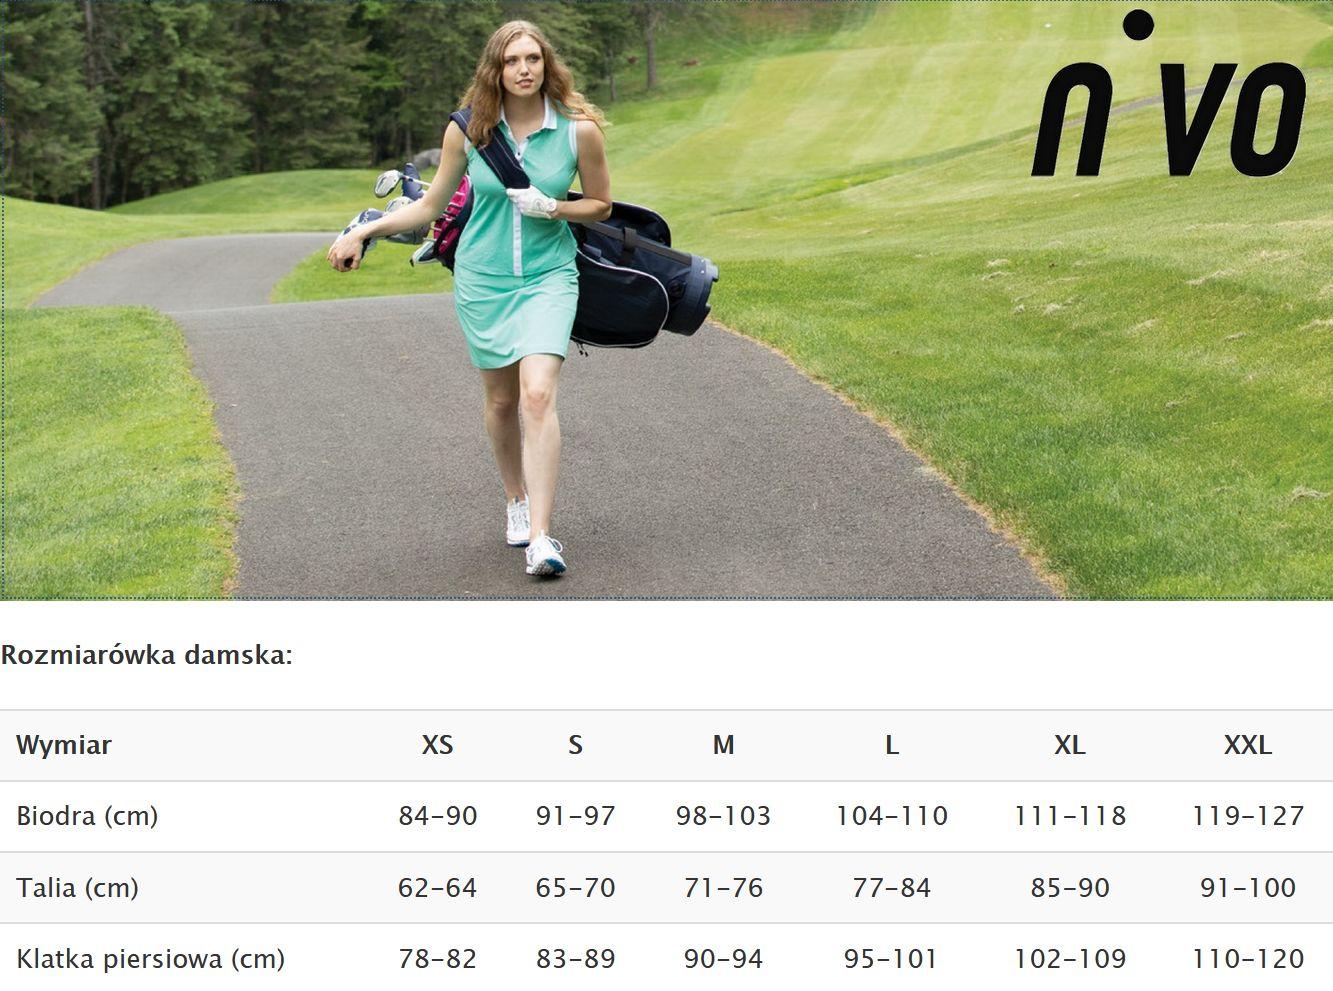 Nivo odzież golfowa damska